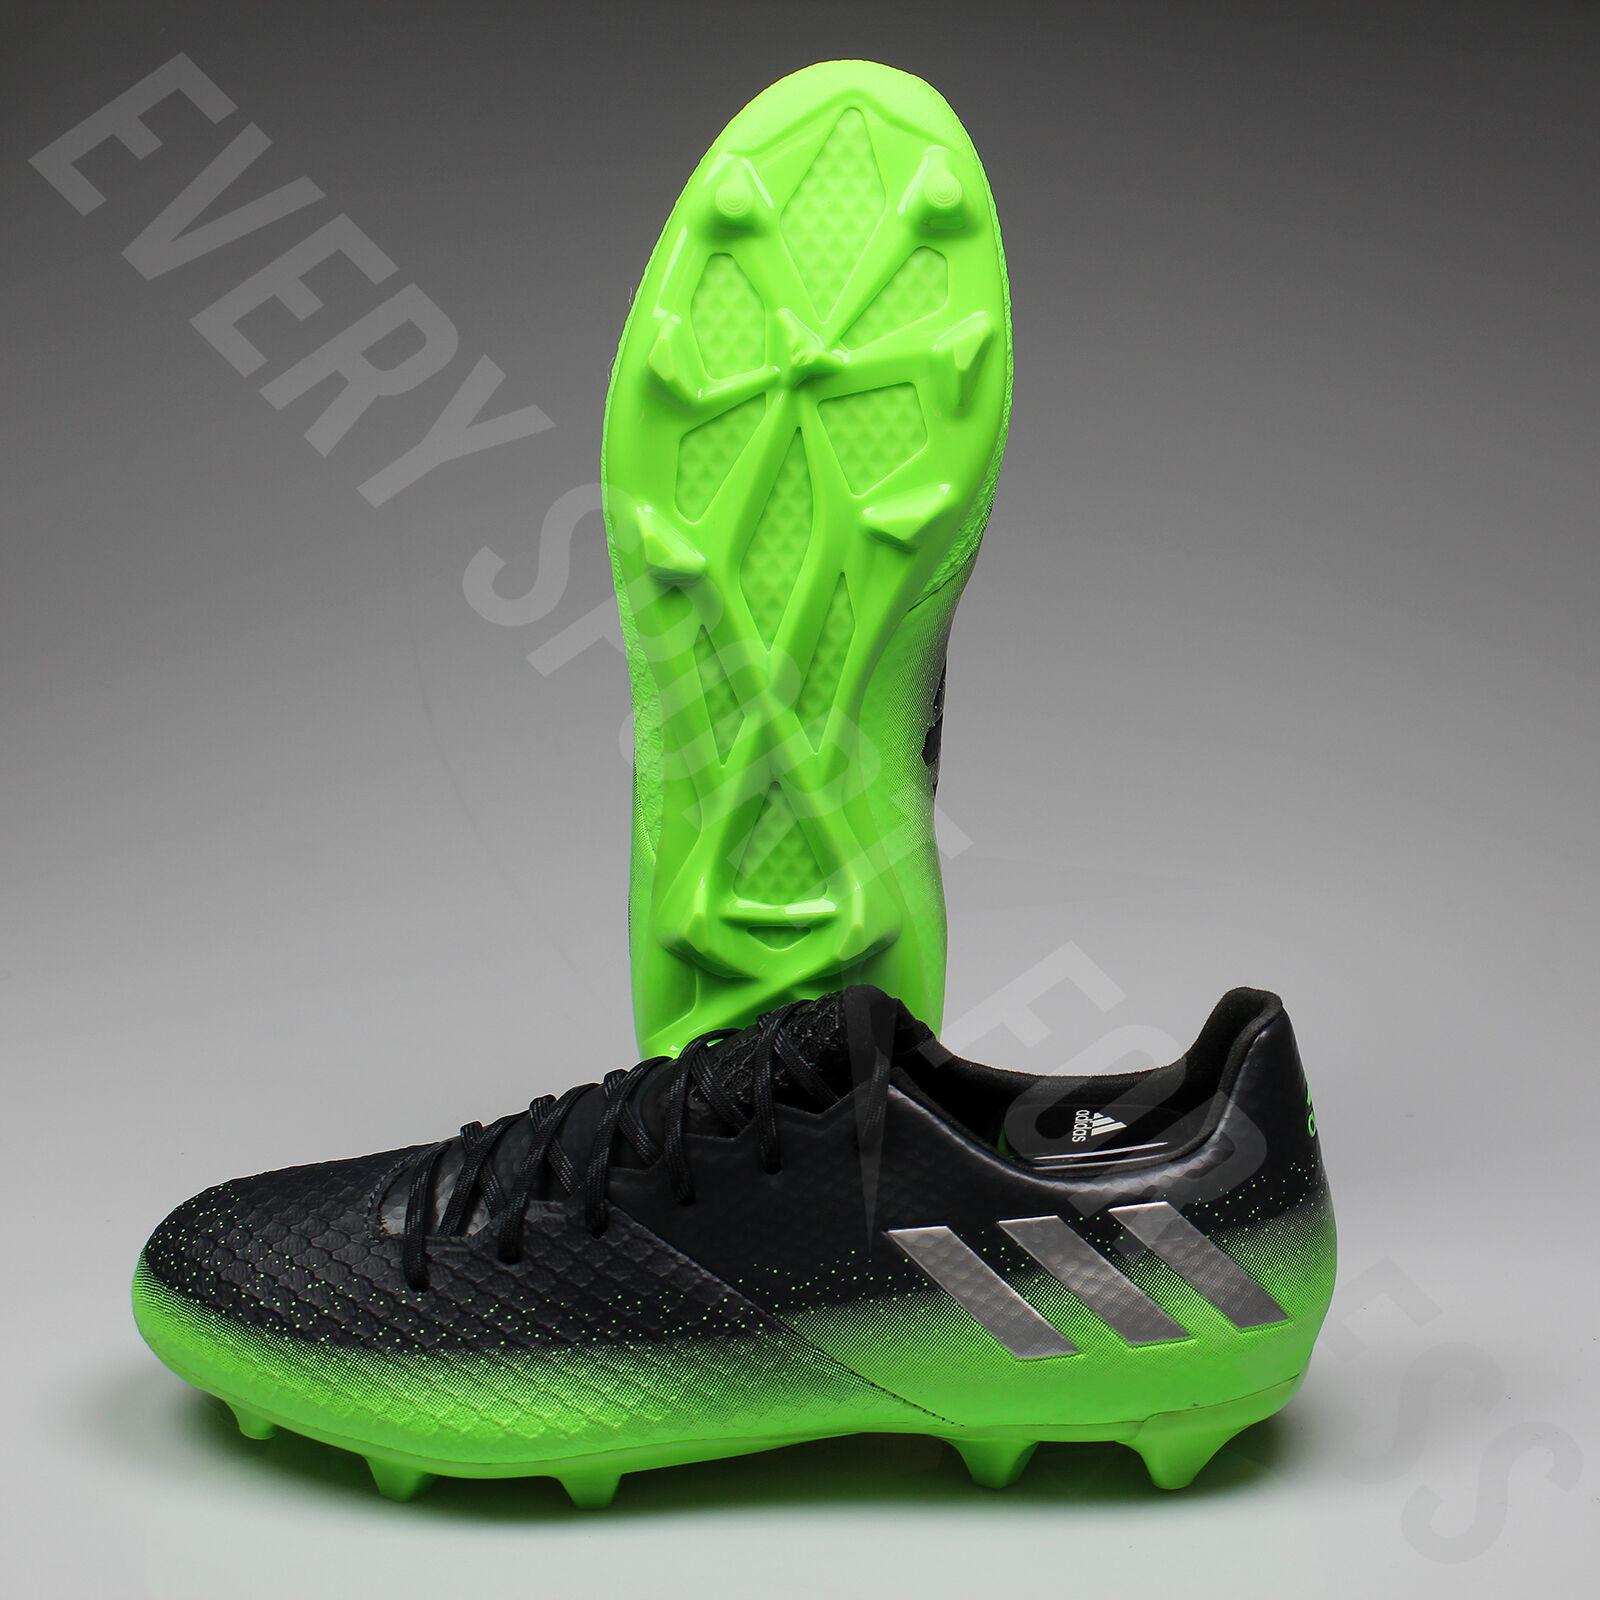 Adidas messi 16,2 fg gli scarpini da calcio s79630 - - grigio / argento - s79630 verde (nuovo) elenca @ 140 612d4c